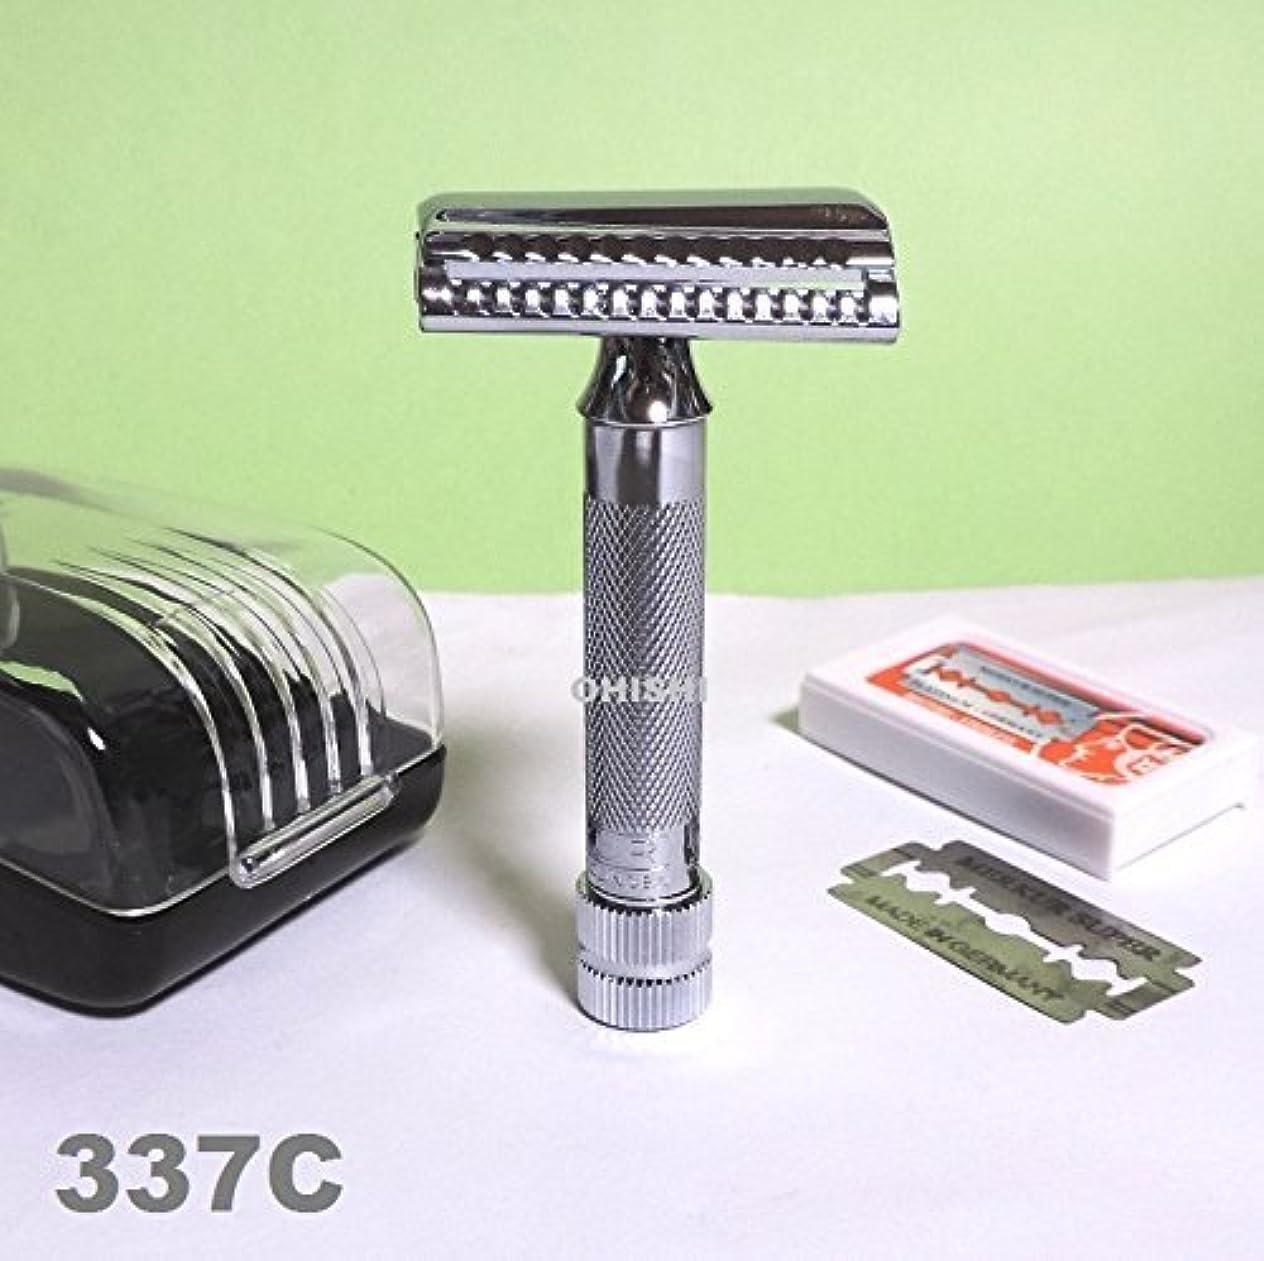 無線肘少ないメルクールMERKUR(独)髭剃り(ひげそり)両刃ホルダー ツイストヘッド337C (替刃11枚付)プラケース入